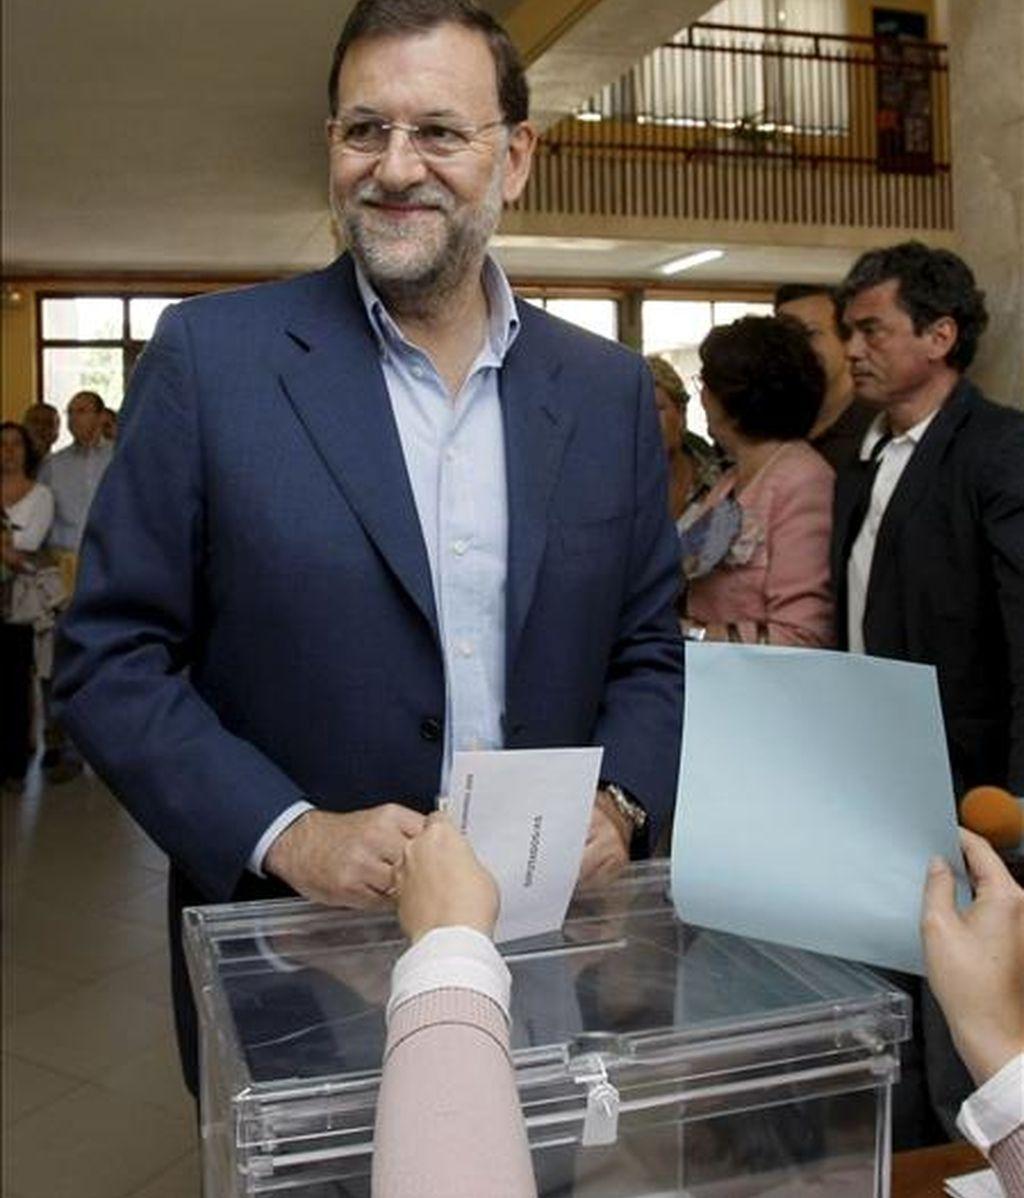 El presidente del Partido Popular, Mariano Rajoy, ejerce su derecho al voto para las elecciones al Parlamento Europeo en el colegio Bernardette, de Madrid. EFE